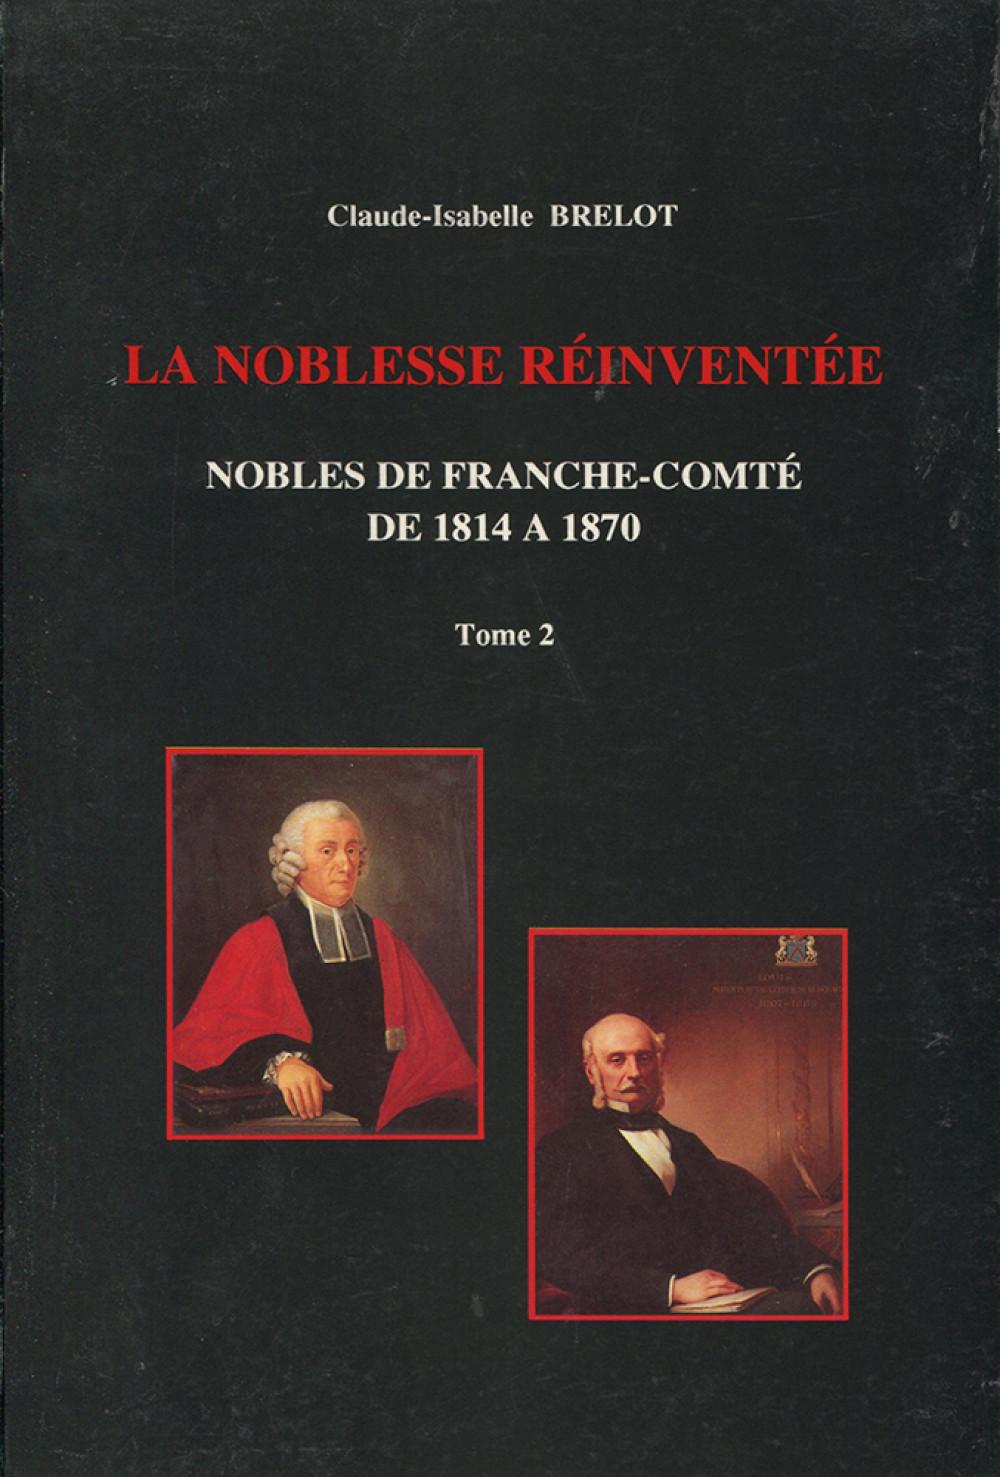 La noblesse réinventée. Tome II